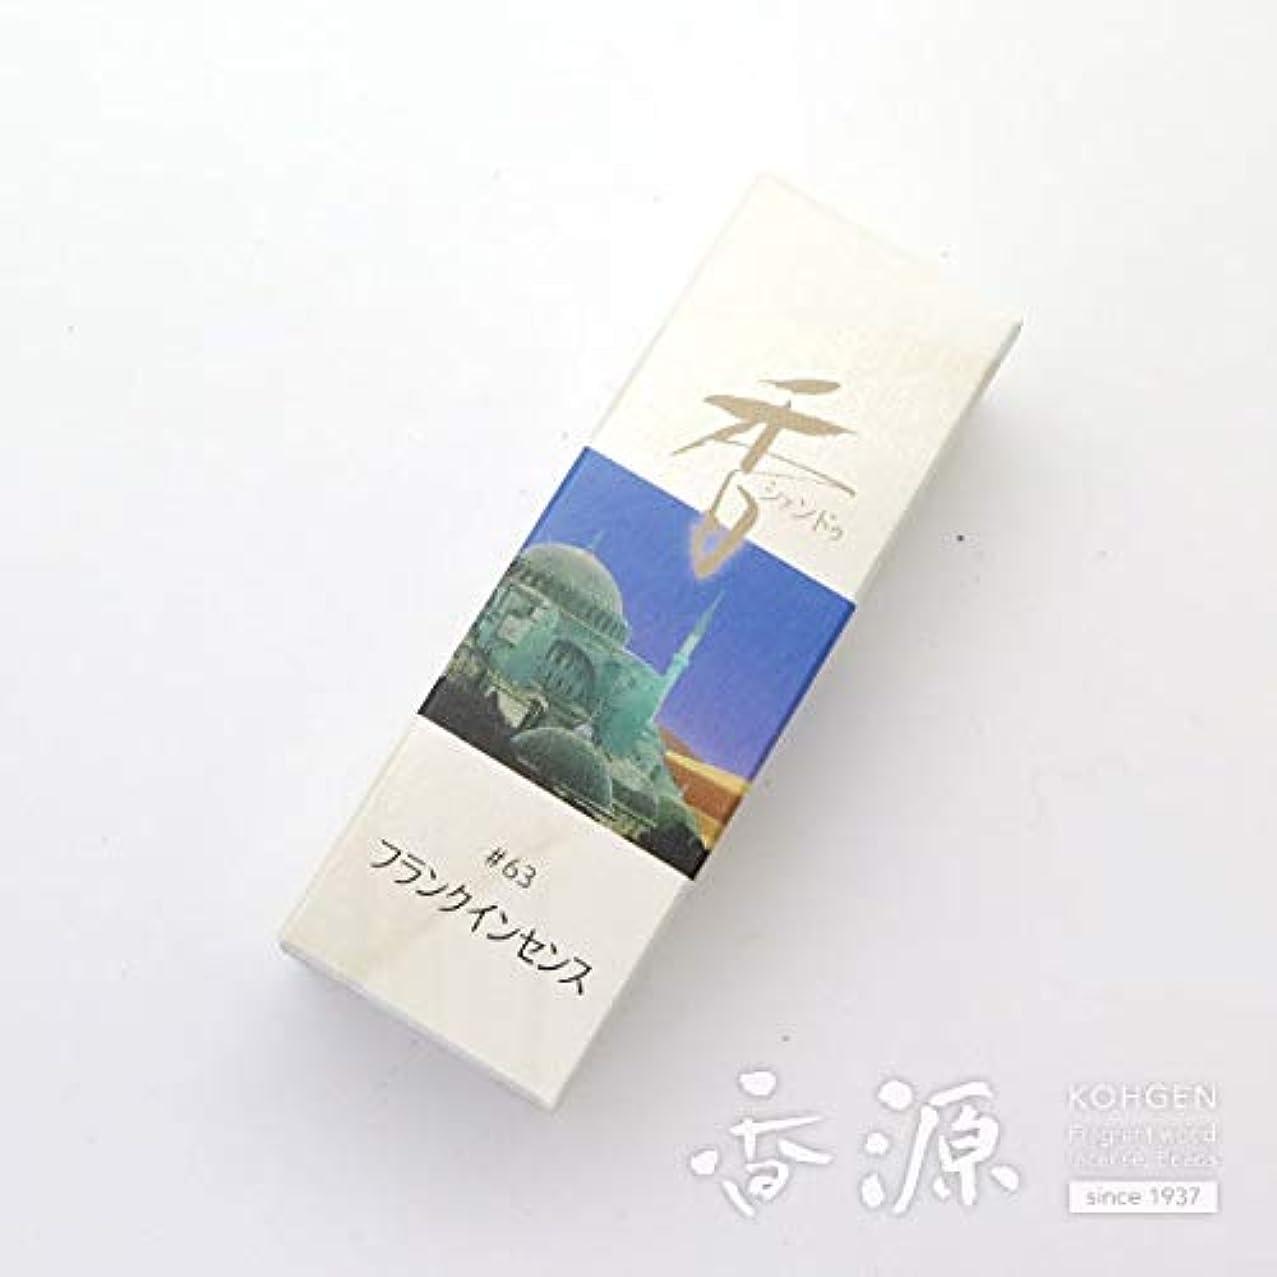 変わる本質的ではないフレッシュXiang Do(シャンドゥ) 松栄堂のお香 フランクインセンス ST20本入 簡易香立付 #214263